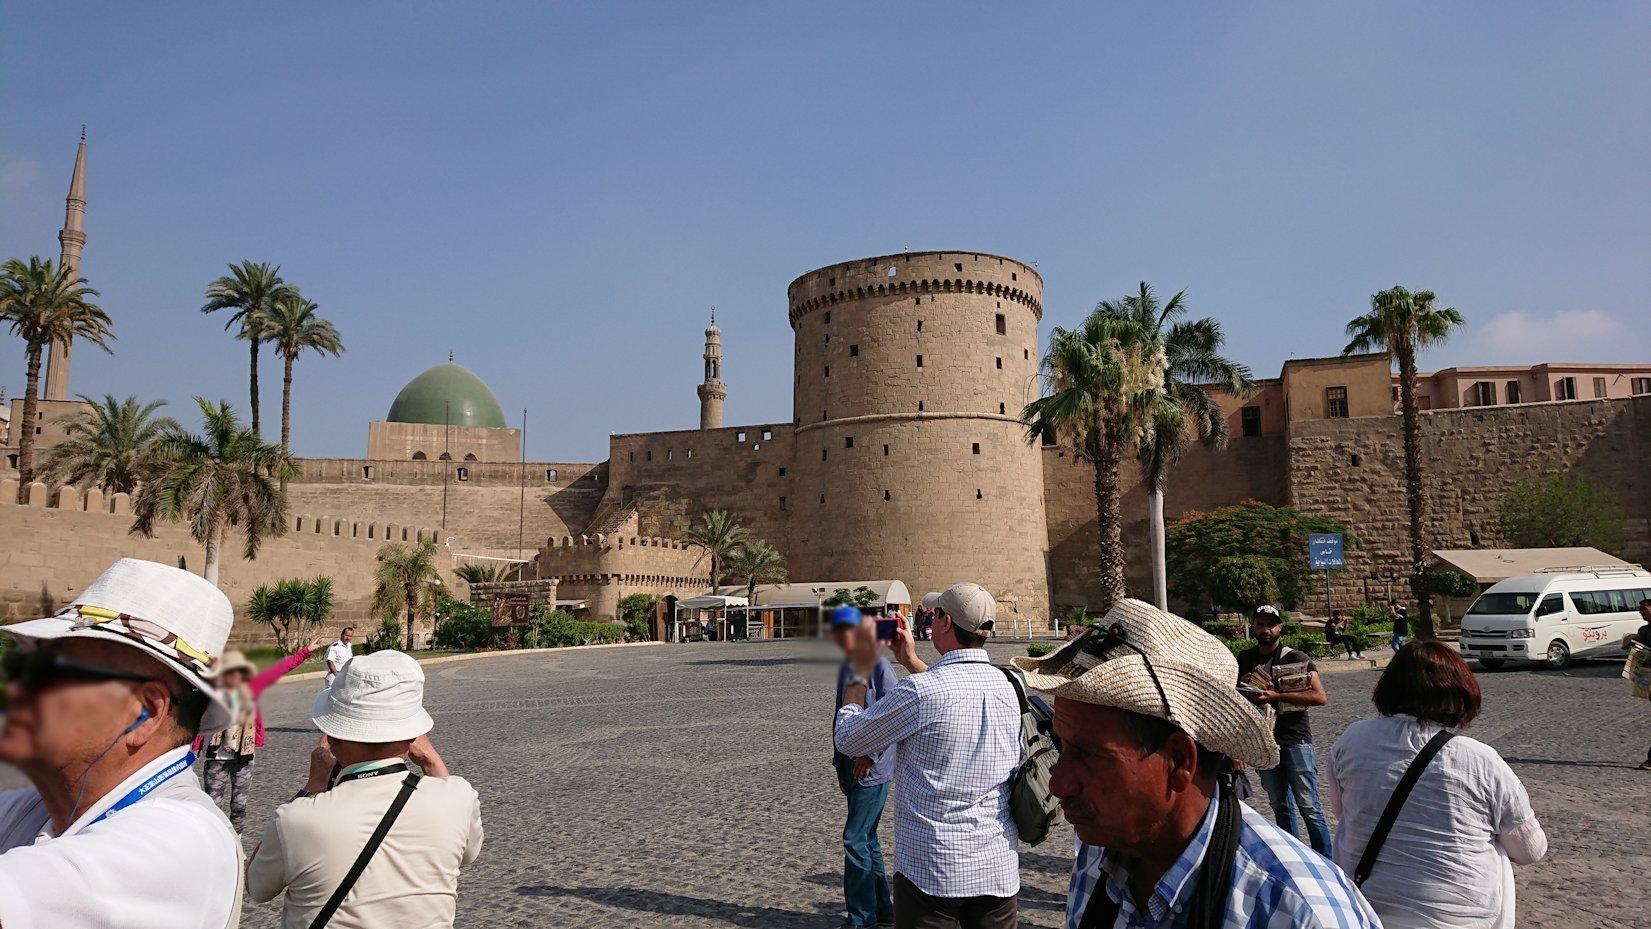 エジプト旅行 ブログ 口コミ カイロ モハメッド・アリ・モスク